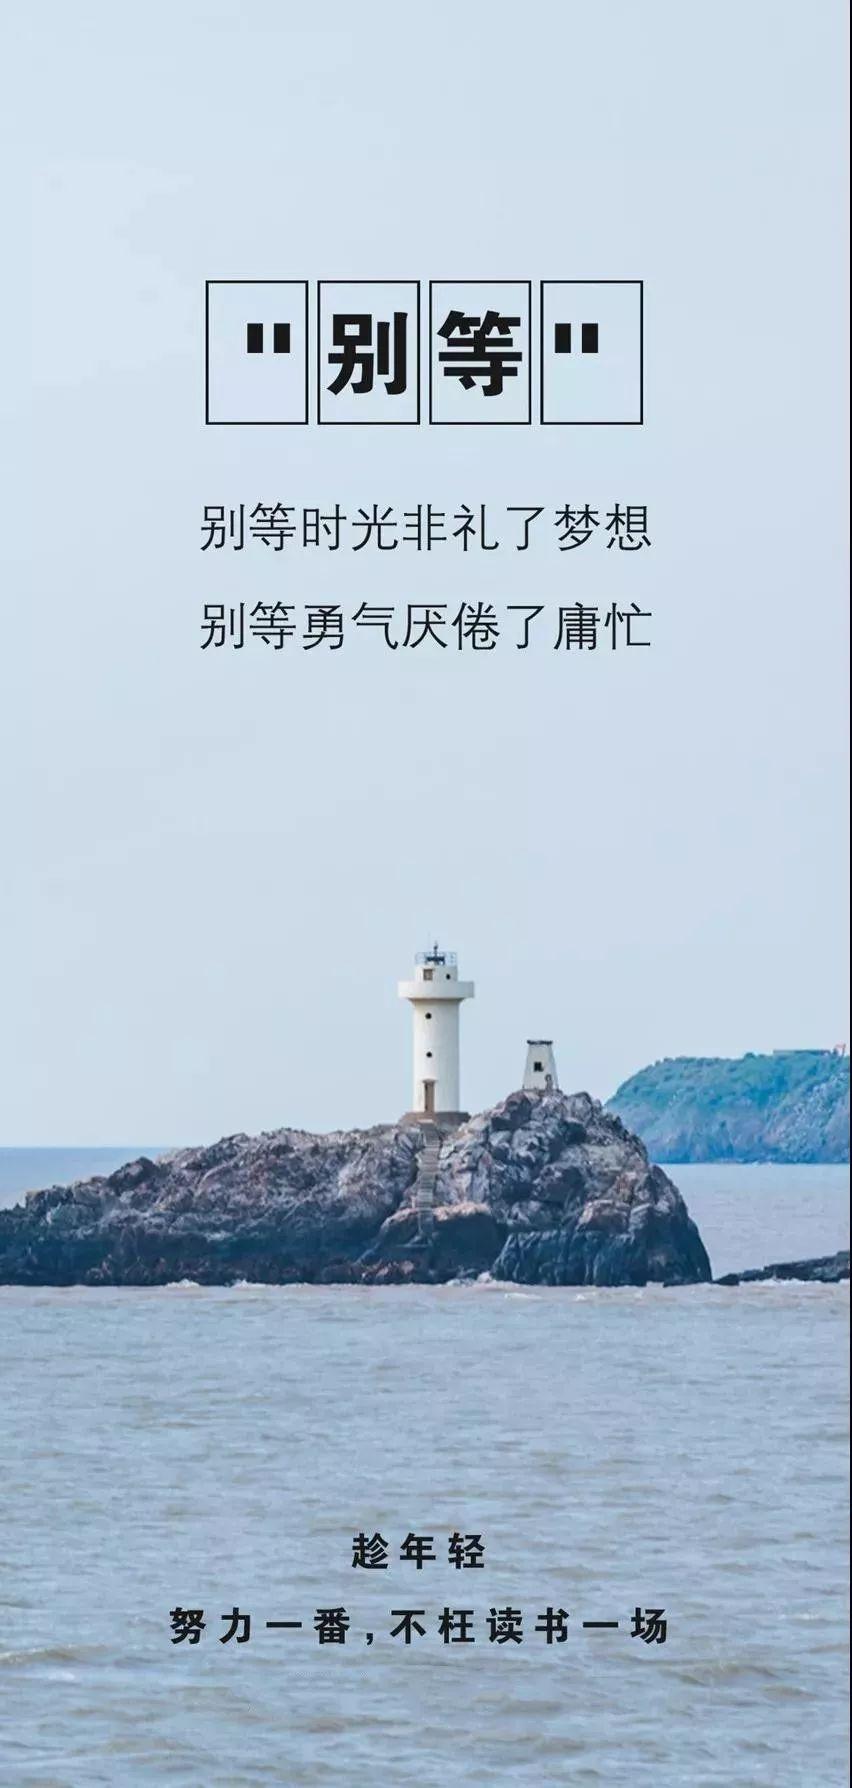 一个人孤独的图片带字